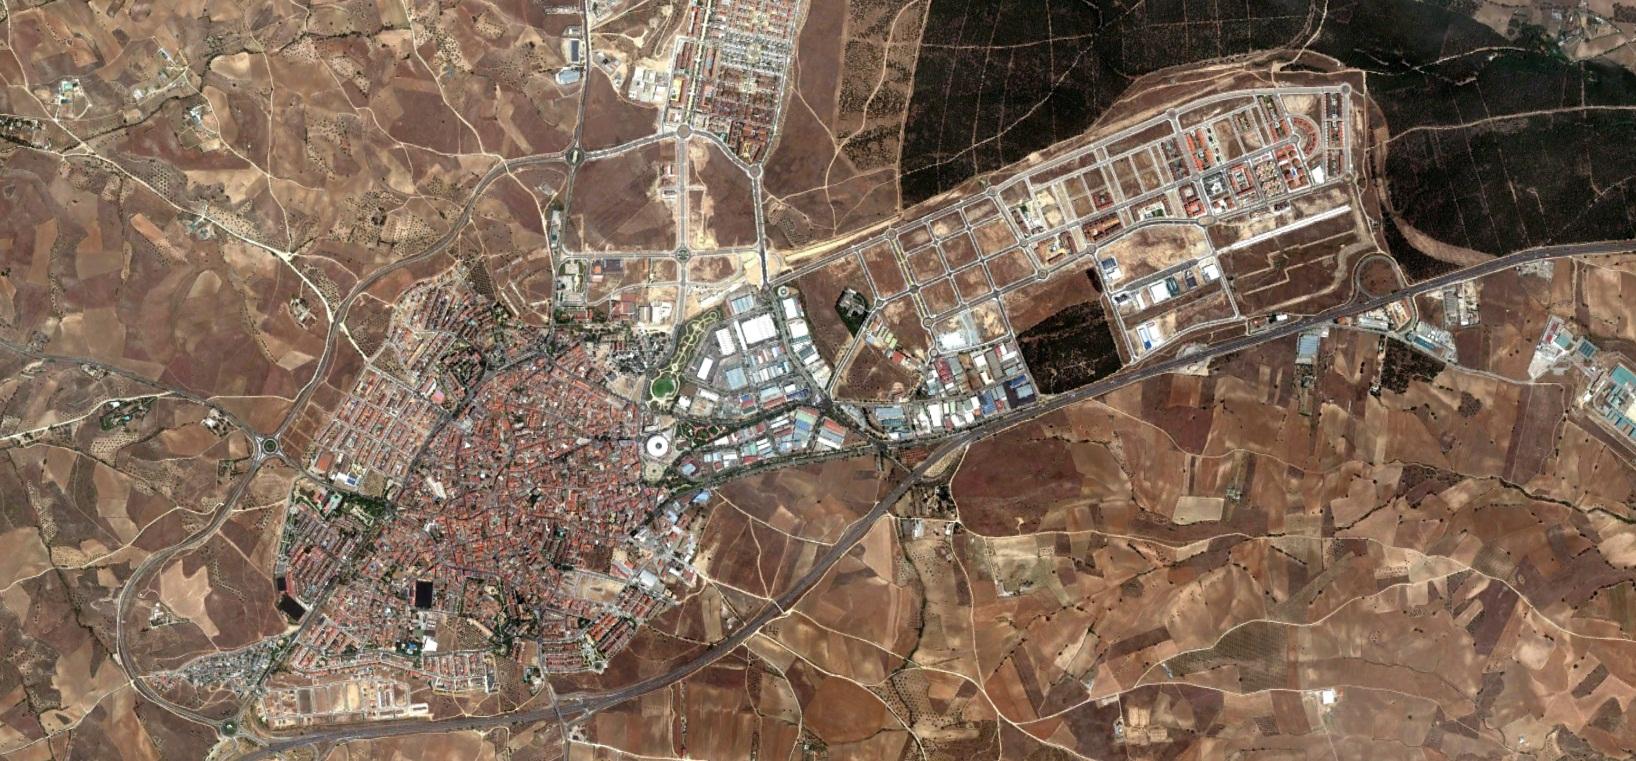 madrid, navalcarnero, comunidad, después, desastre, urbanístico, planeamiento, urbano, urbanismo, construcción